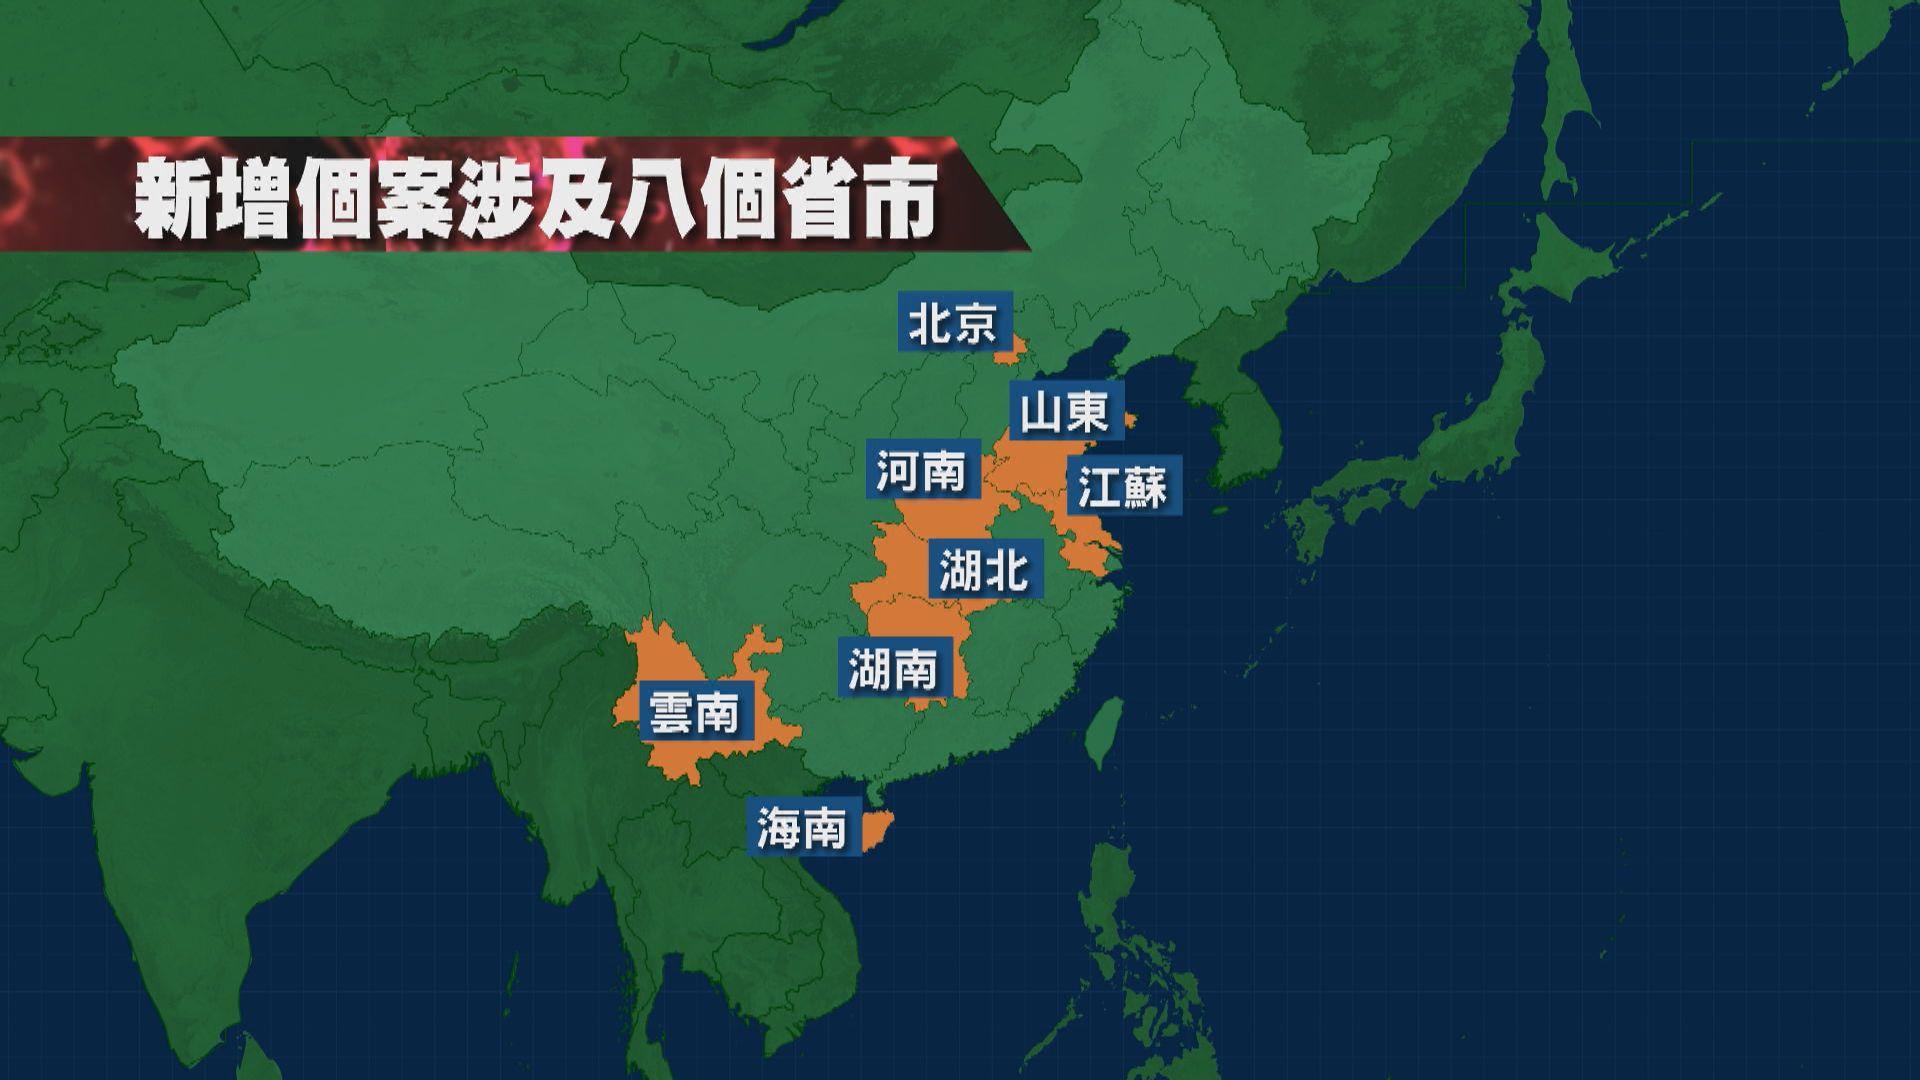 內地增近百宗本地確診 專家:鄭州應預防病毒水源傳播